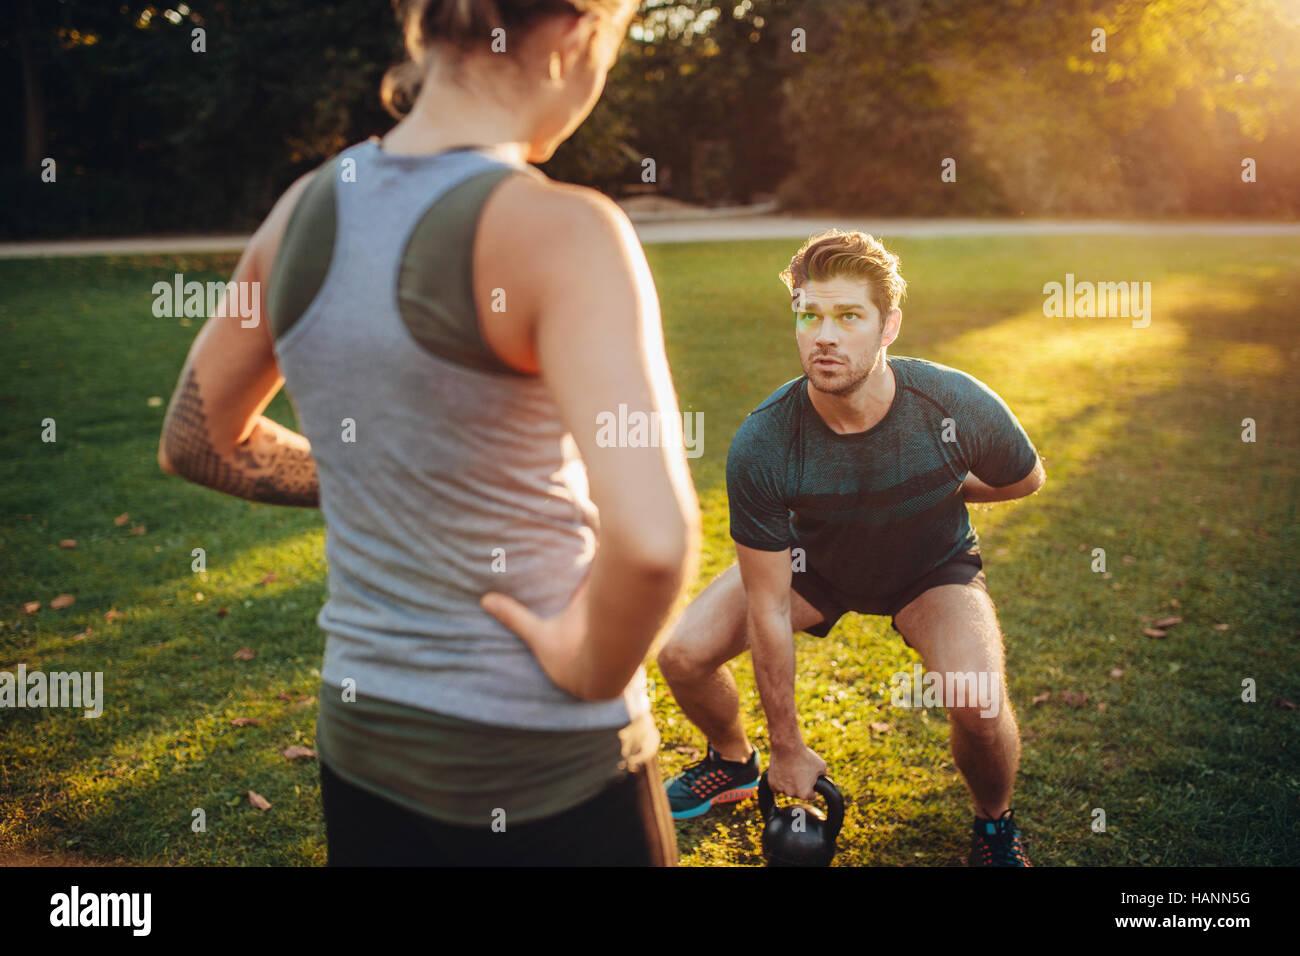 Trainer femmina uomo guida durante l'esercizio con kettlebell nel parco. Personal trainer con l'uomo facendo Immagini Stock